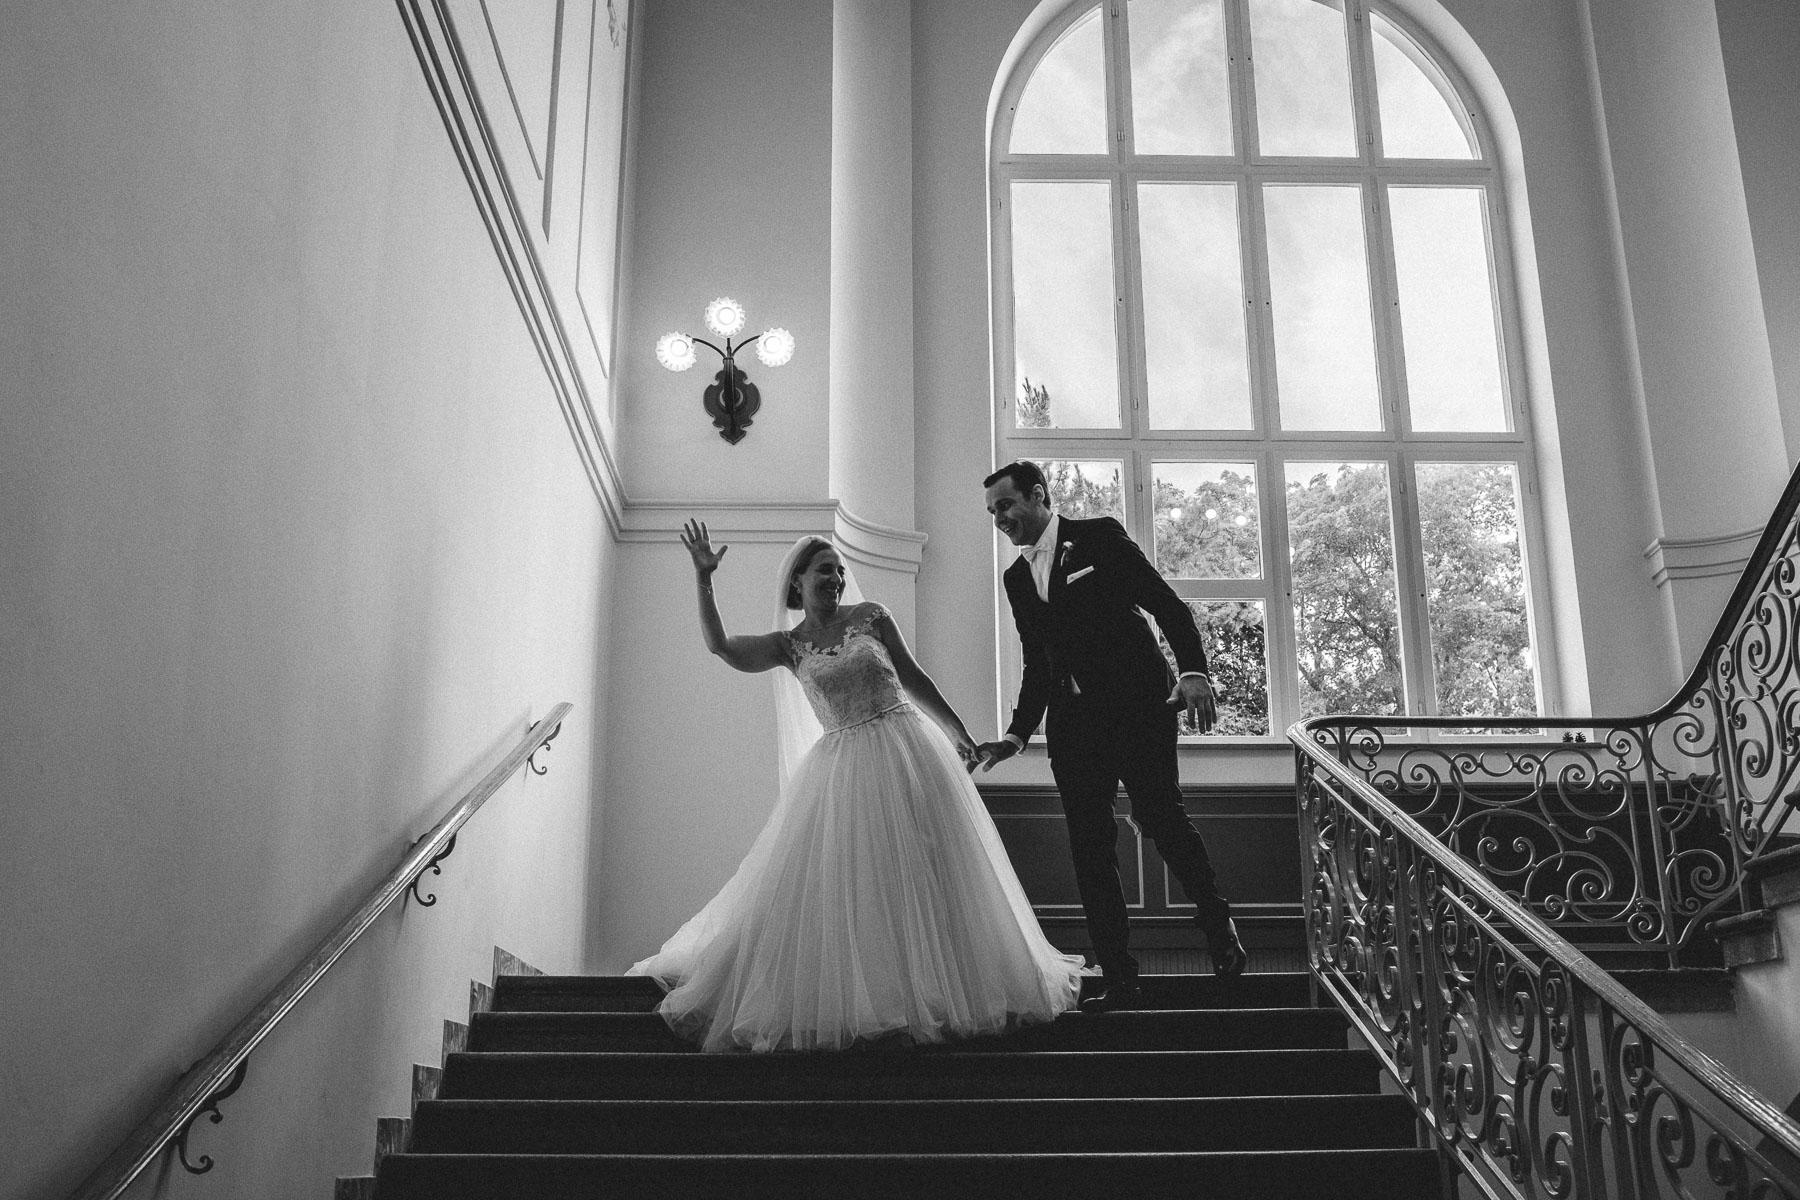 MartinLiebl_Hochzeitsfotograf_MML_Blog_54.jpg